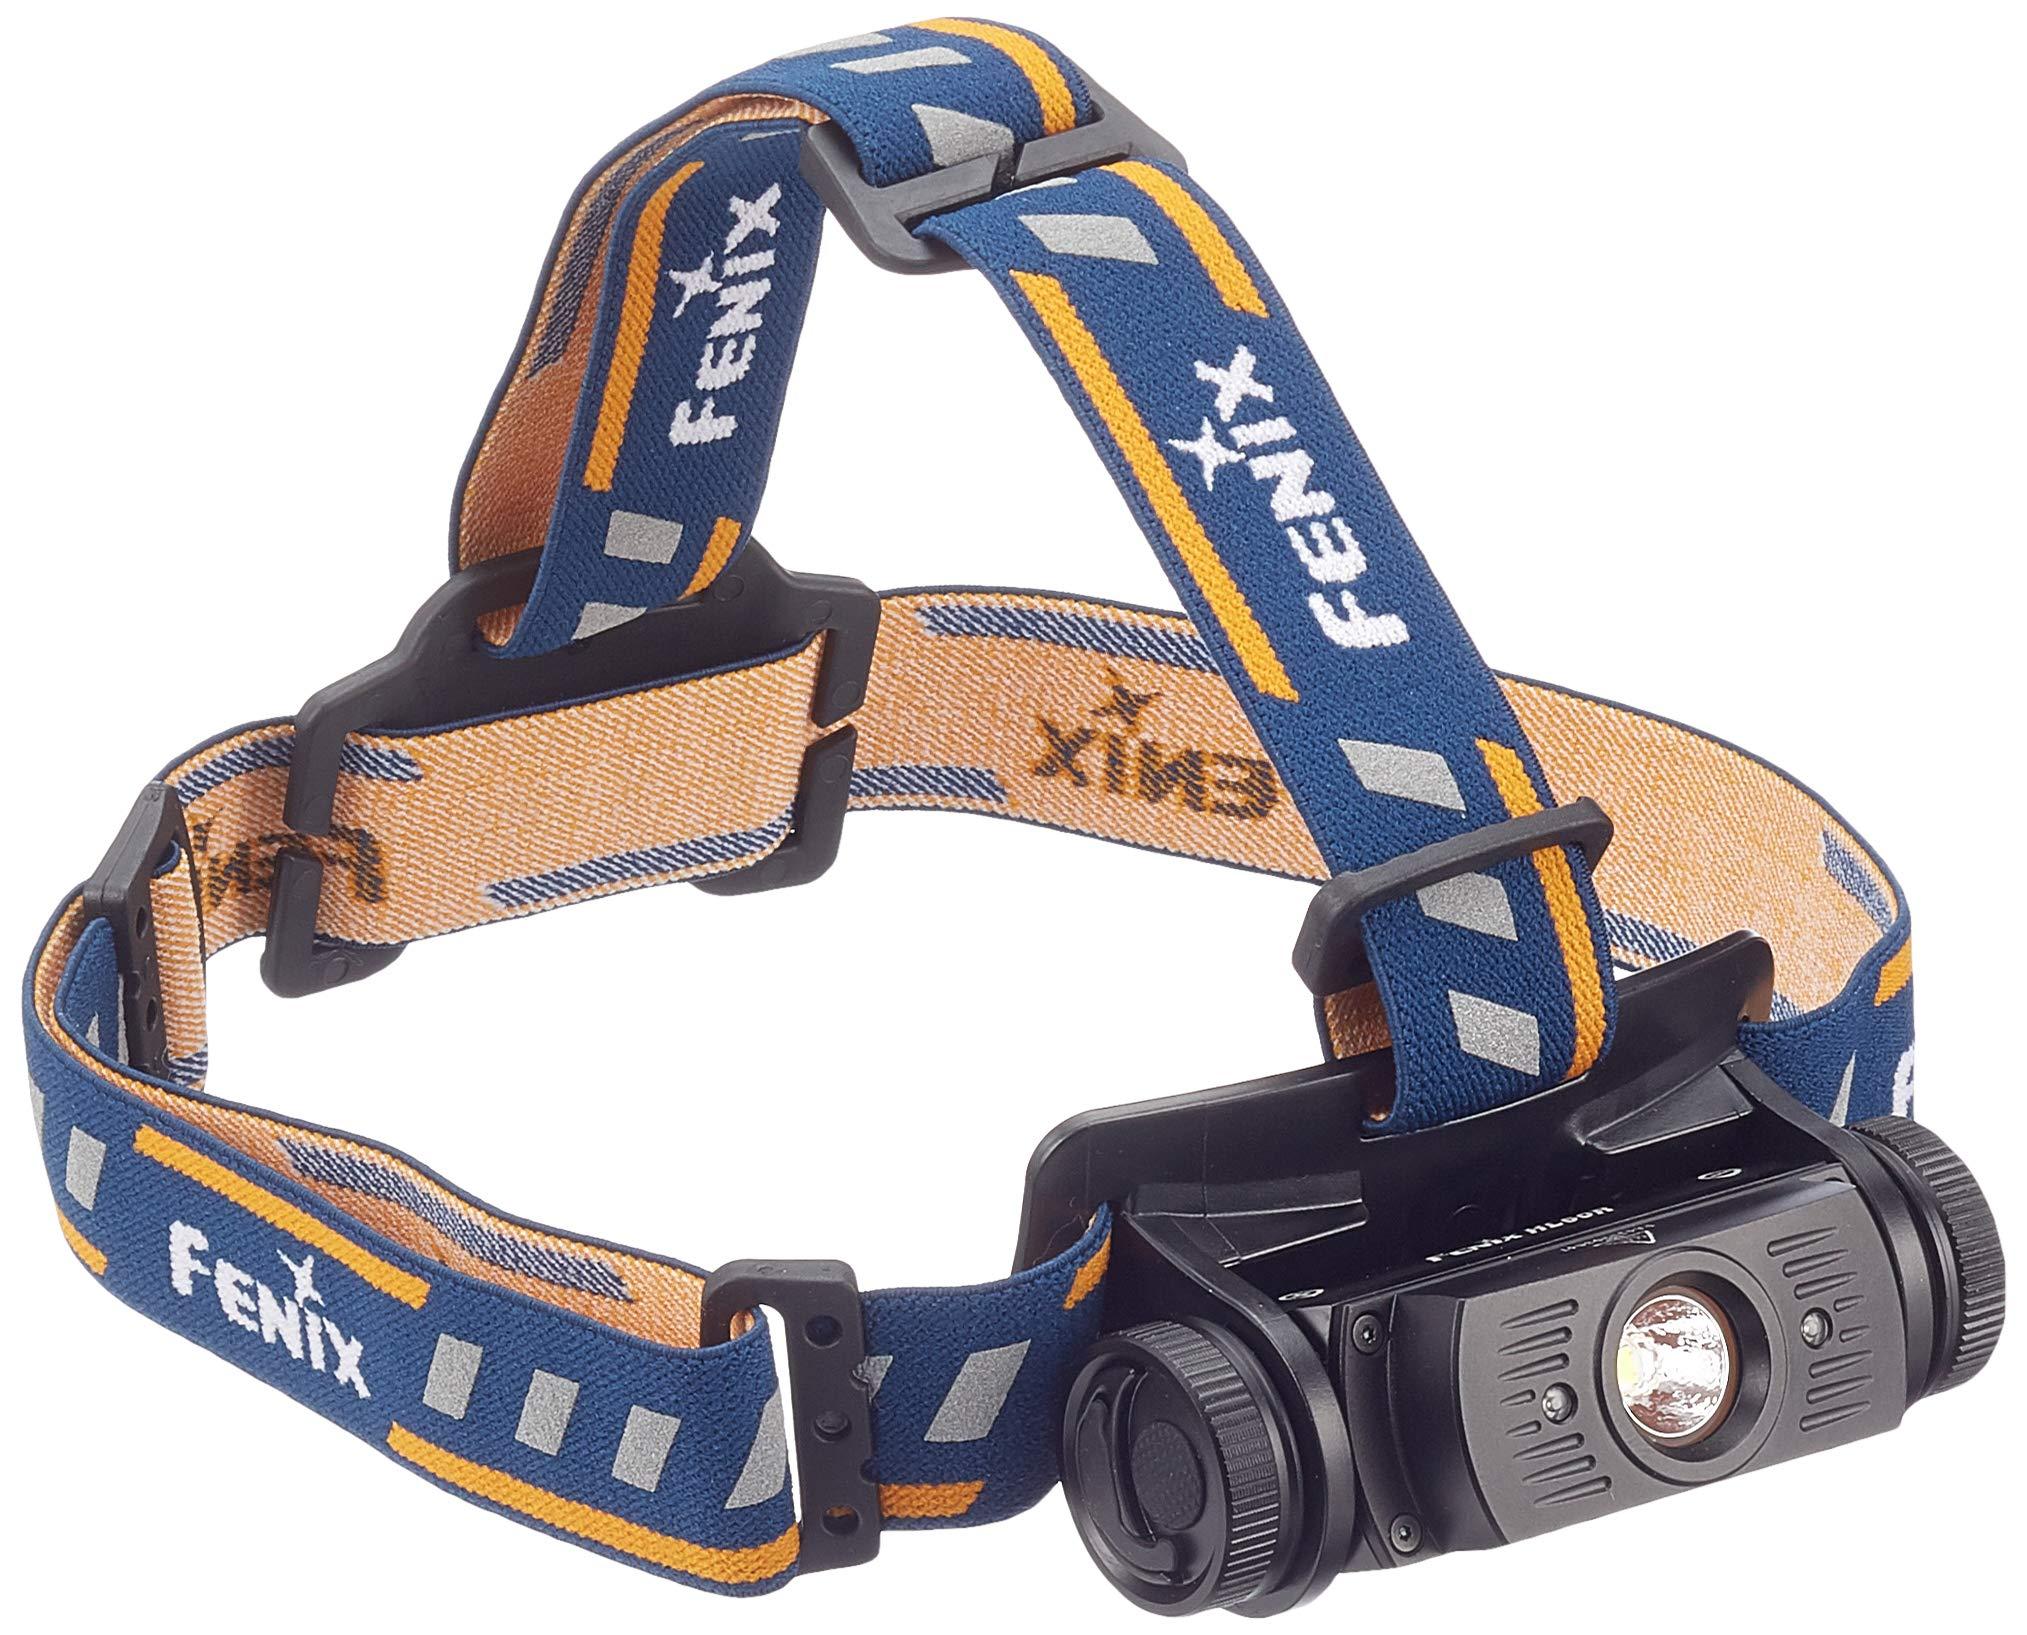 Fenix HL60R 950 Lumens Headlamp, Black by Fenix Flashlights